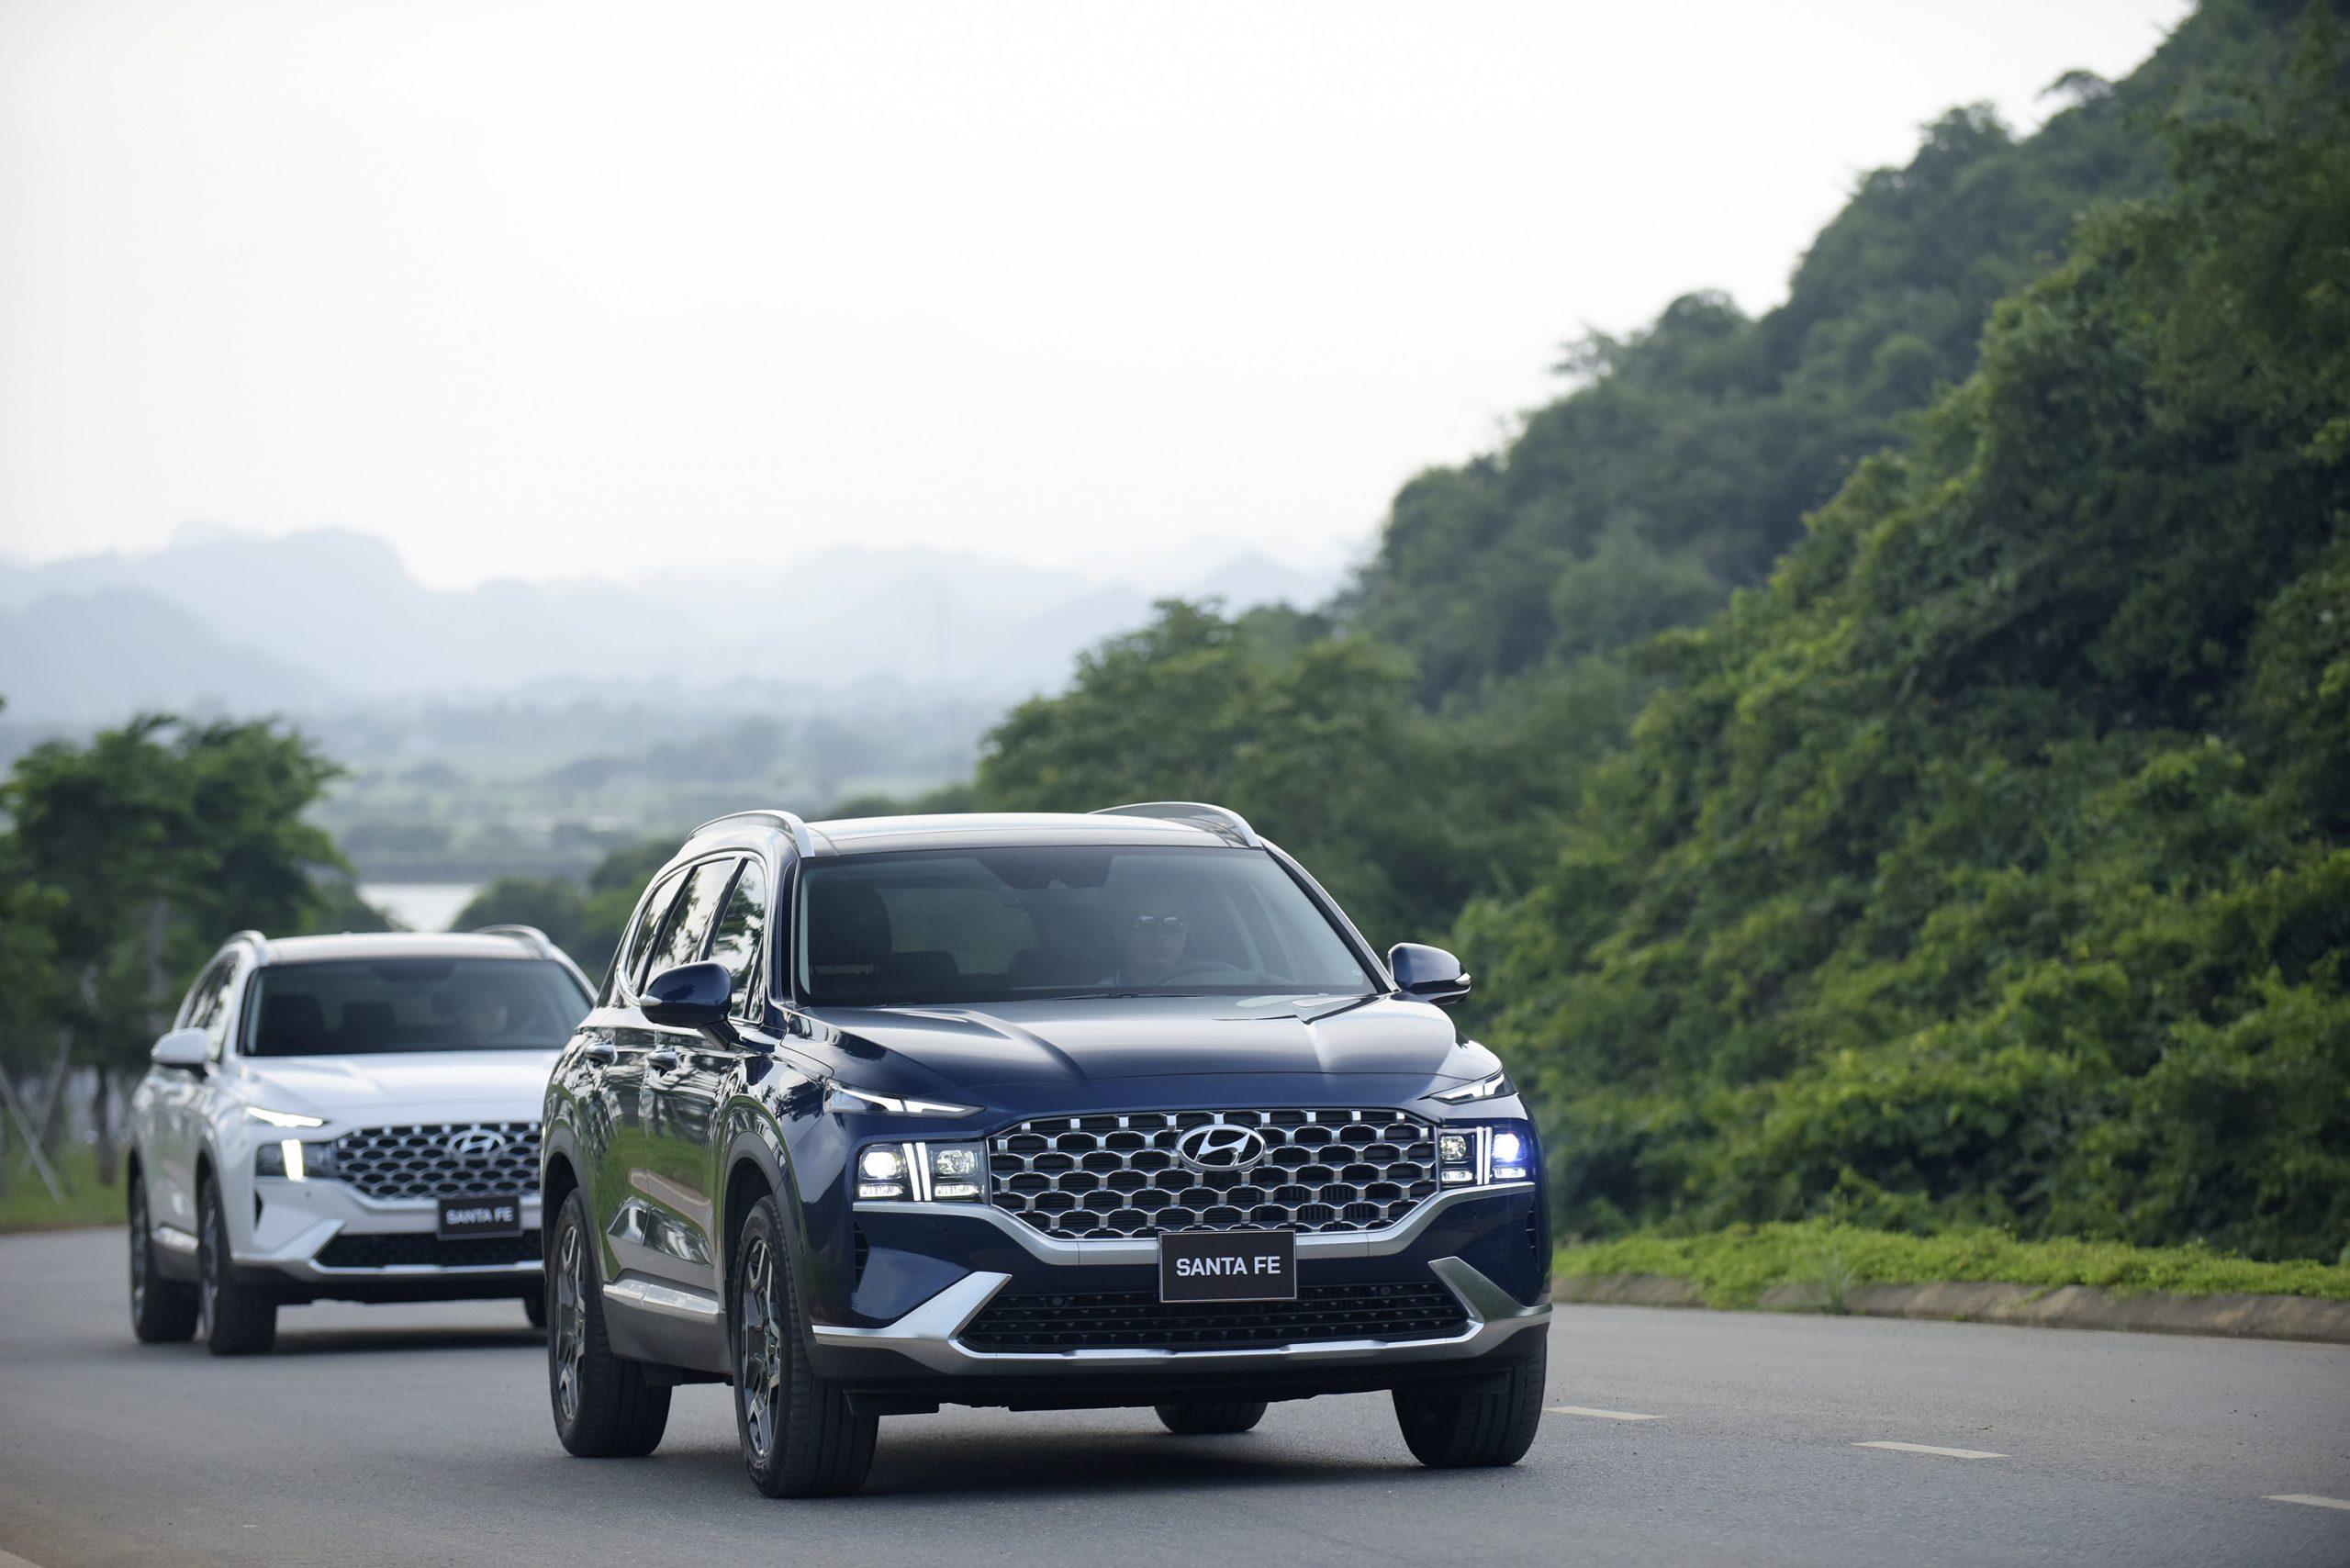 Hyundai-Santa-Fe-2021-75-scaled_-10-06-2021-11-09-25.jpg